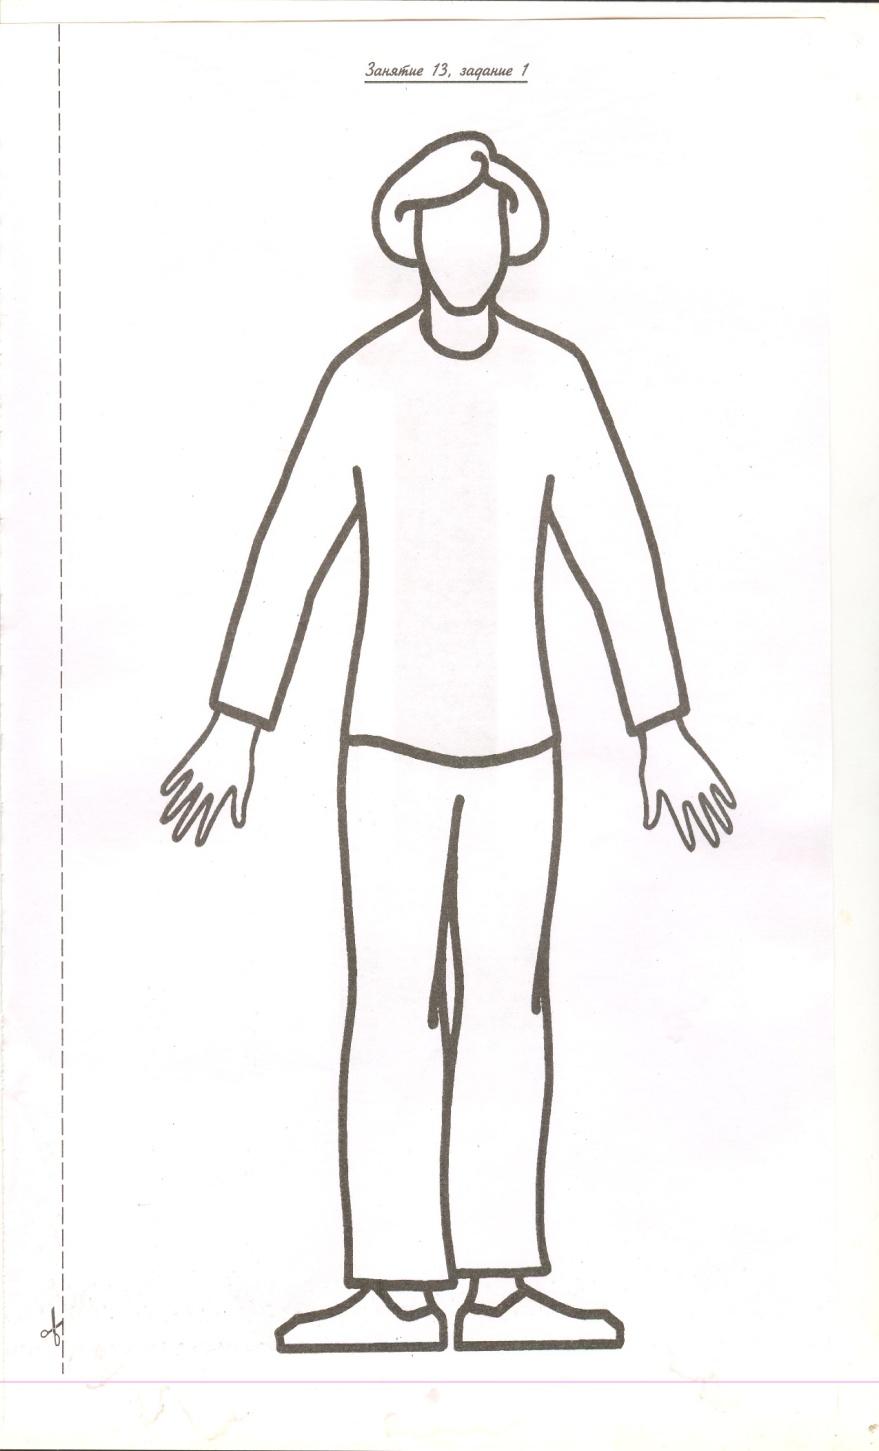 C:\Users\user\Desktop\Чернецкая\Семинары ФГОС, открытые уроки\Семинар развитие потенциала ученика на уроке\Человек 001.jpg